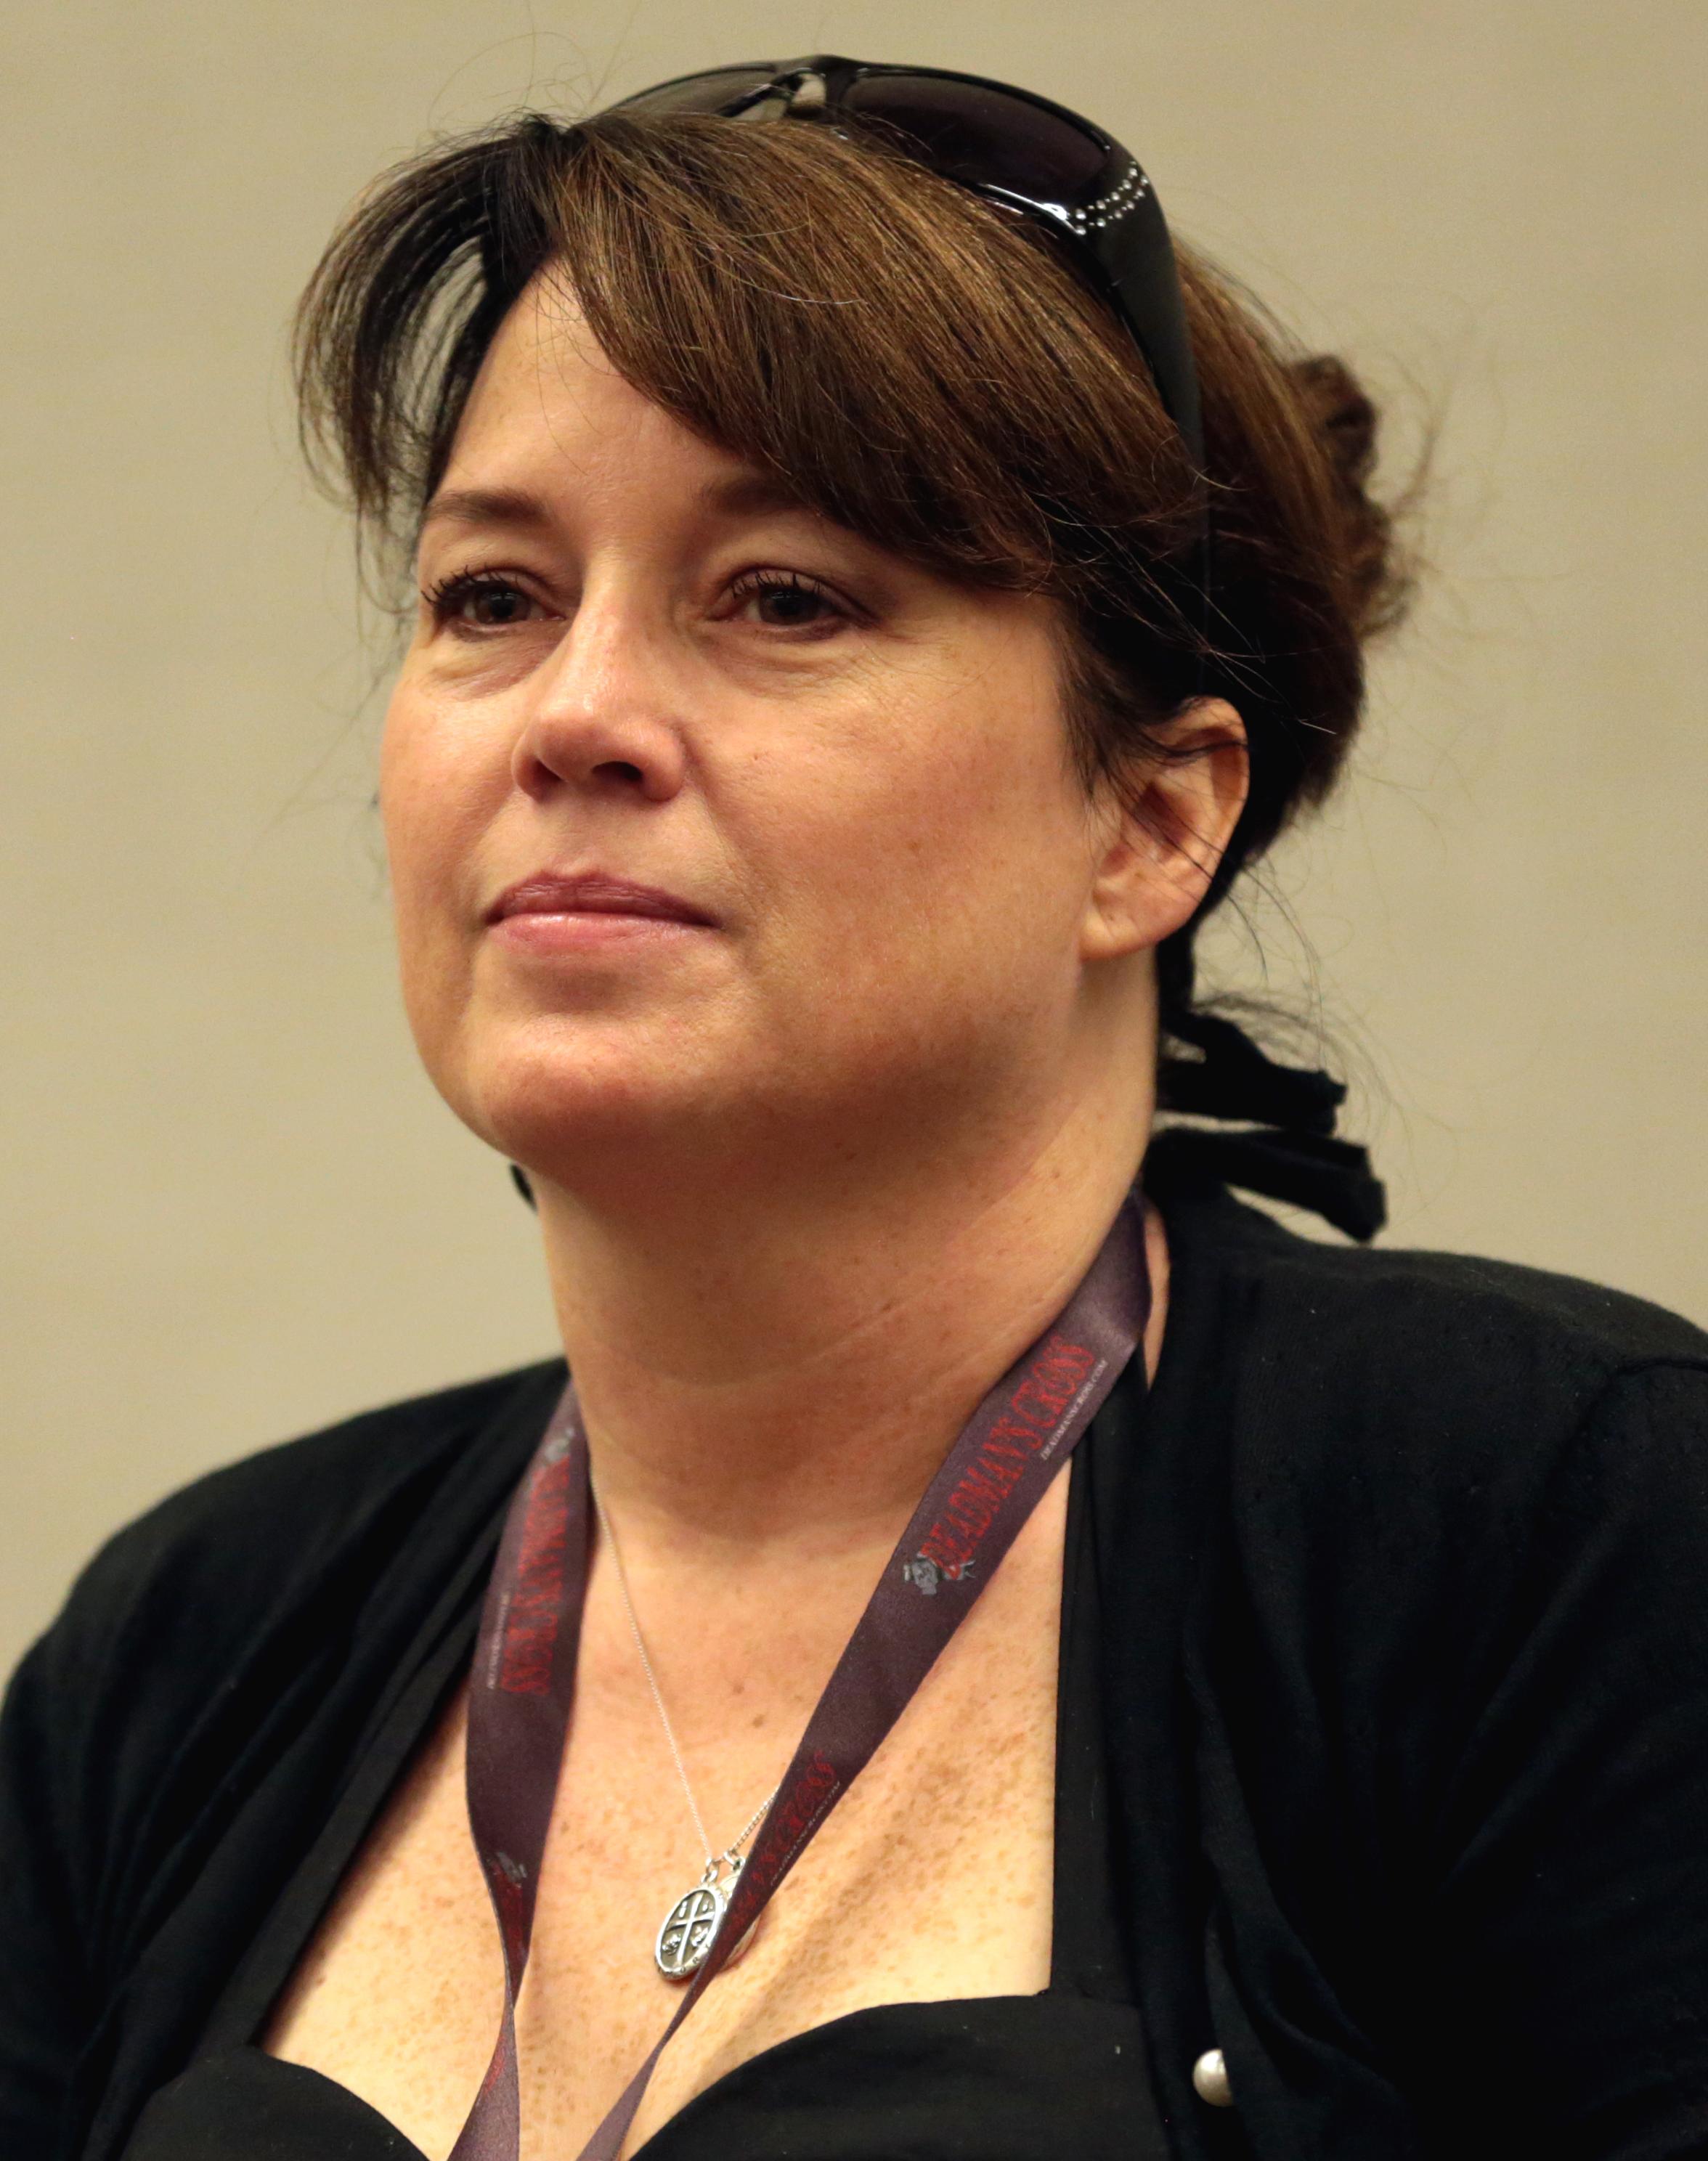 Kenyon in 2017